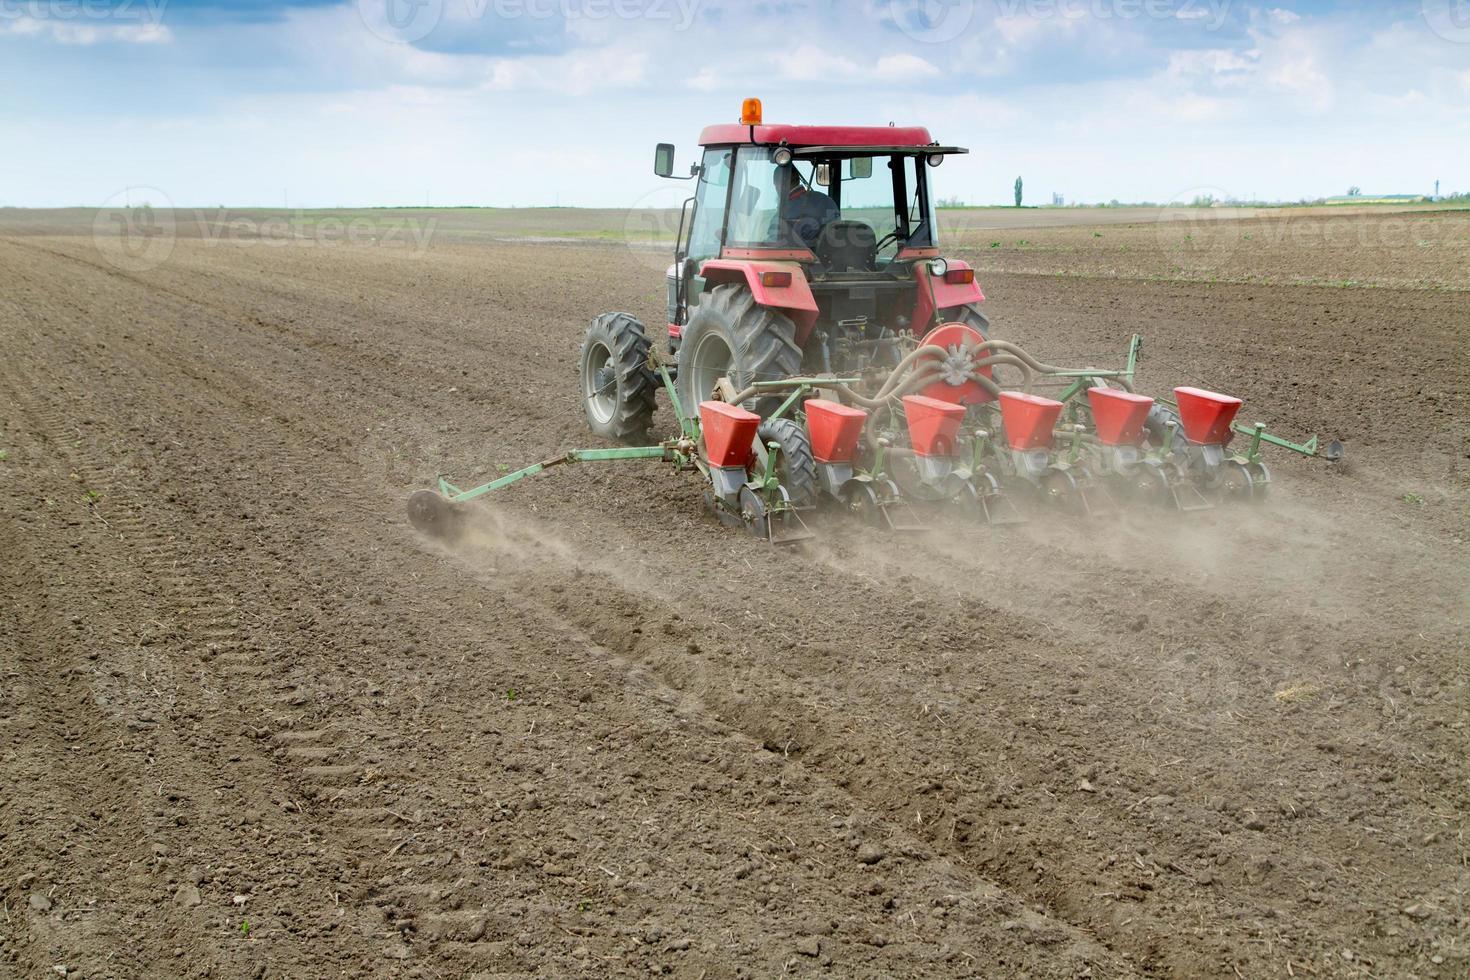 agriculteur semant des cultures avec semoir pneumatique photo